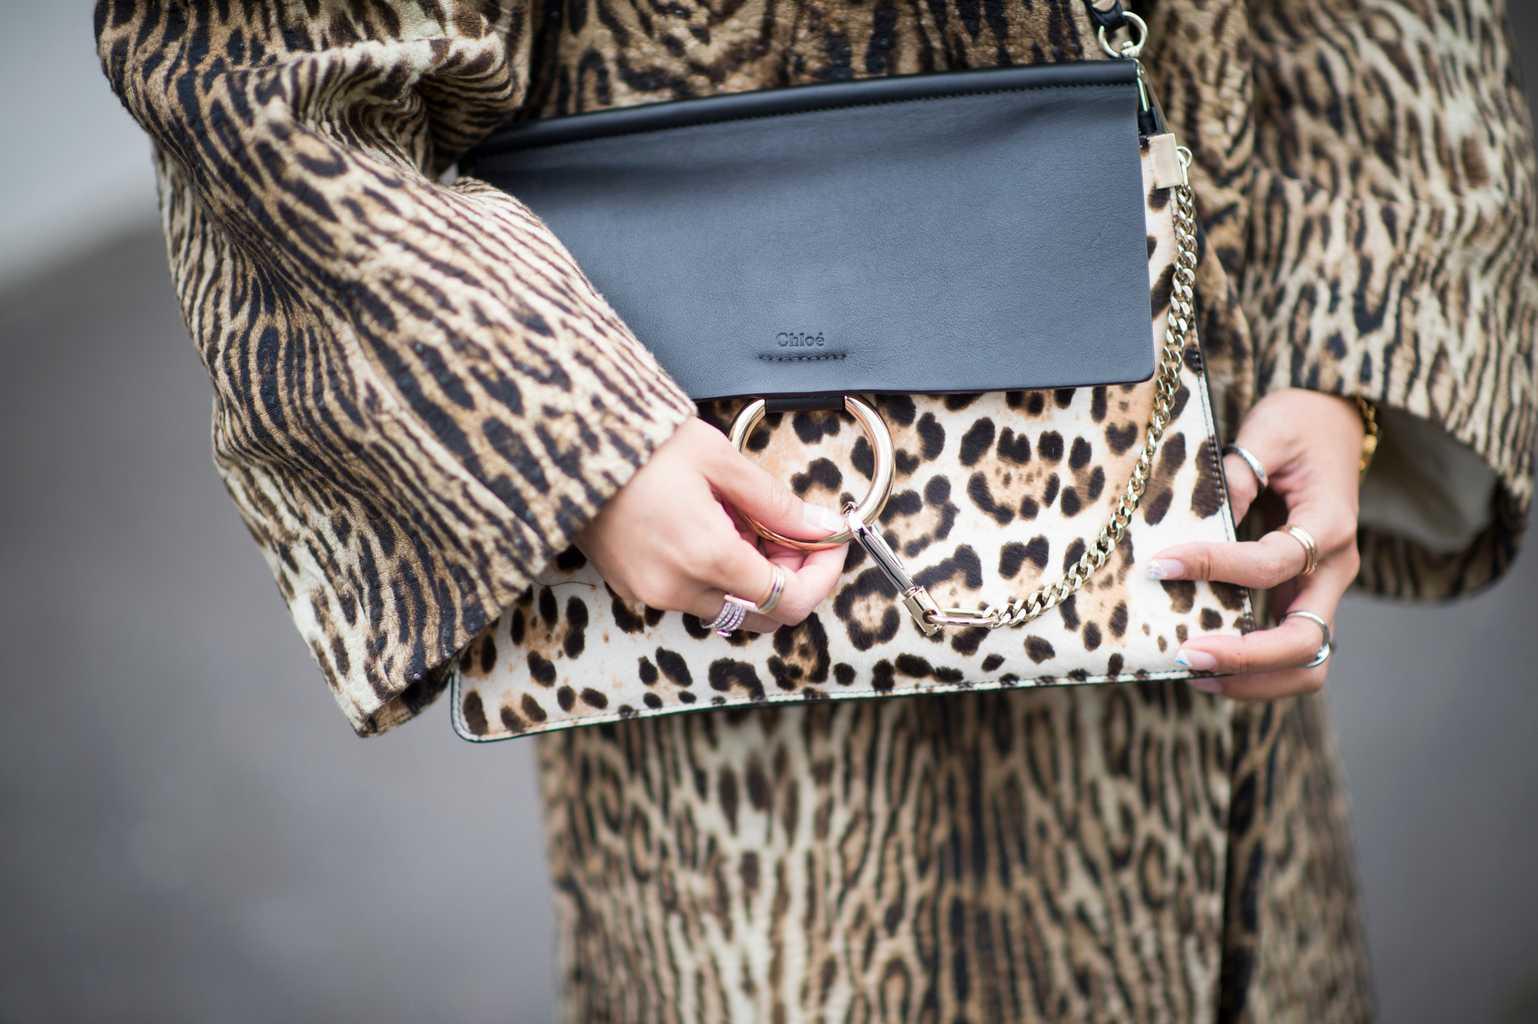 Mode Accessoires mit Leopardenmuster - Ideen zum Kombinieren